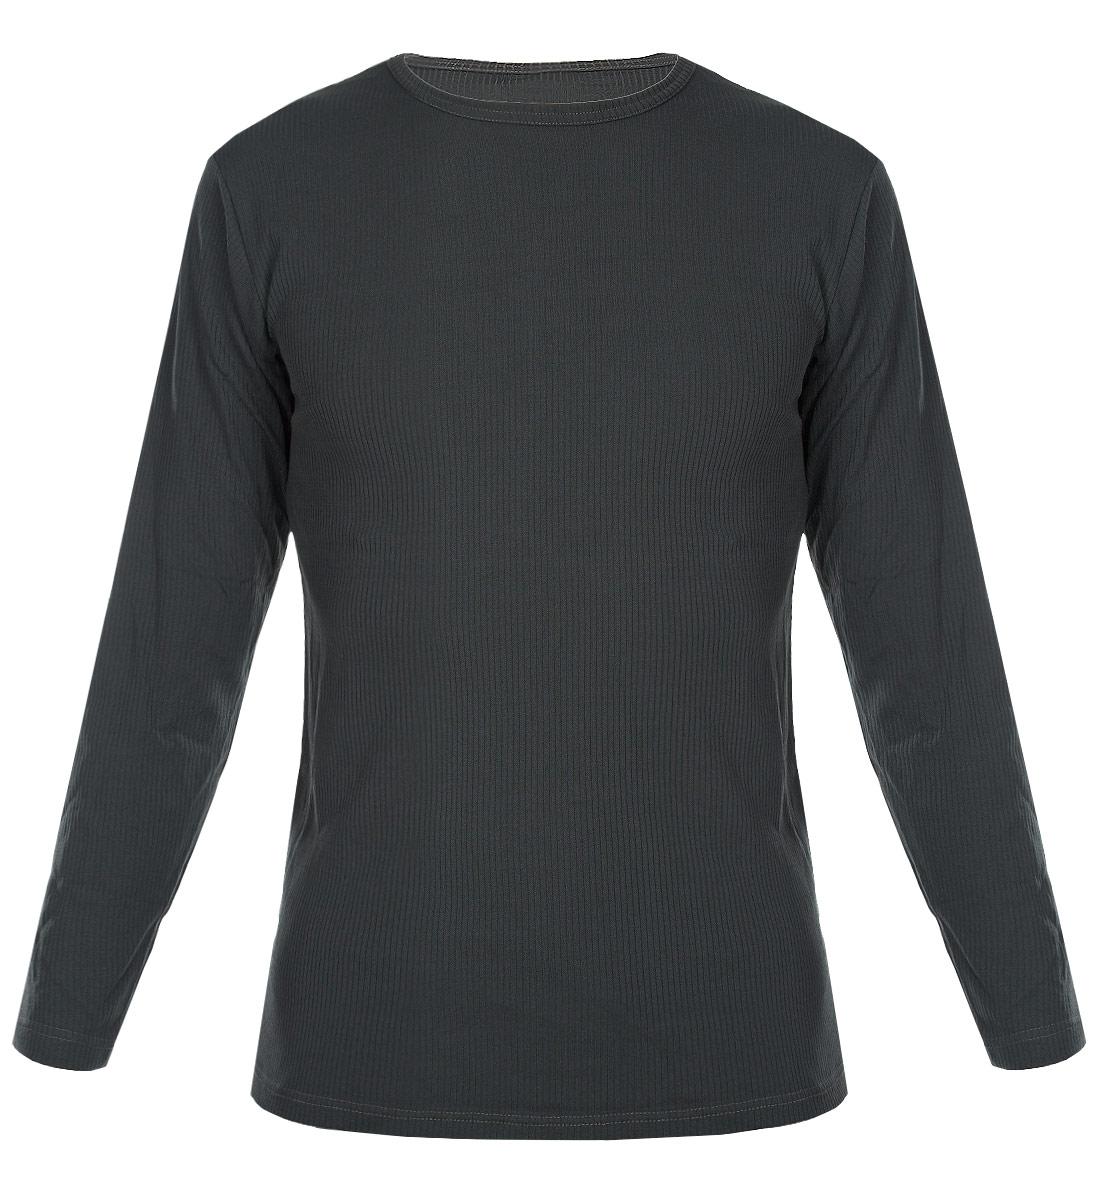 Кофта мужская. 062B062 BКофта мужская изготовлена из полипропиленовой нити PROLEN. Предназначена для повседневной носки, занятий спортом, охотой, рыбалкой, активным отдыхом и т.д. Материал из которого изготовлена футболка уникален по своим свойствам. Ткань из полипропилена моментально отводит влагу от поверхности тела в последующие слои одежды, поэтому тело всегда находиться в соприкосновении с сухой тканью, что дает ощущение сухости и комфорта. Нить PROLEN владеет антибактериальными свойствами - на ней не возникают ни какие грибки и микробы, не вызывает аллергических реакций кожи. Нить обеспечивает высокую термо- и цветоустойчивость крашения, ткань не линяет и не садиться. Легко стирается, не требует глажения. Быстро сохнет.